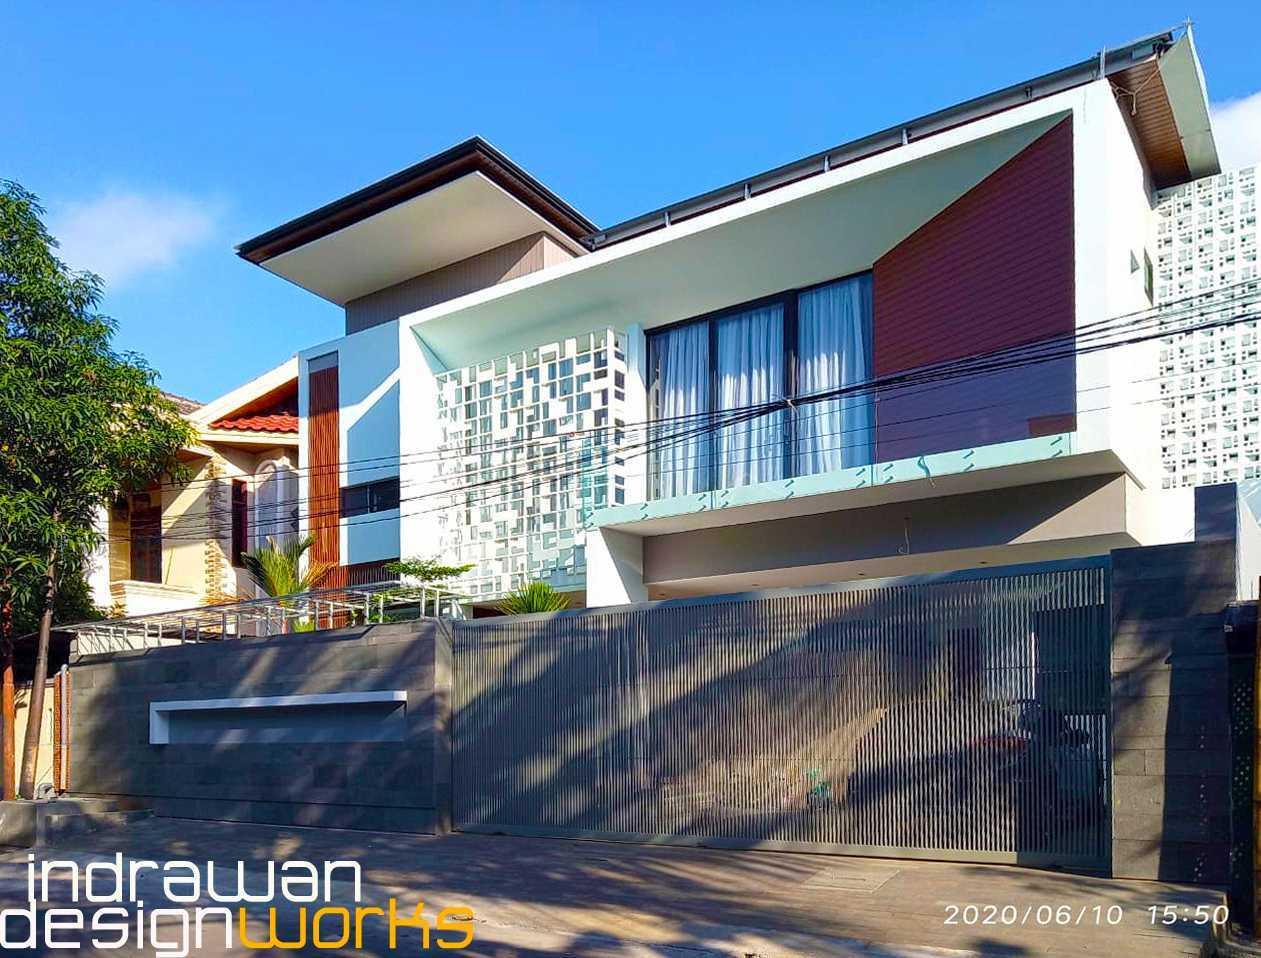 Indrawan Designworks di Sulawesi Selatan